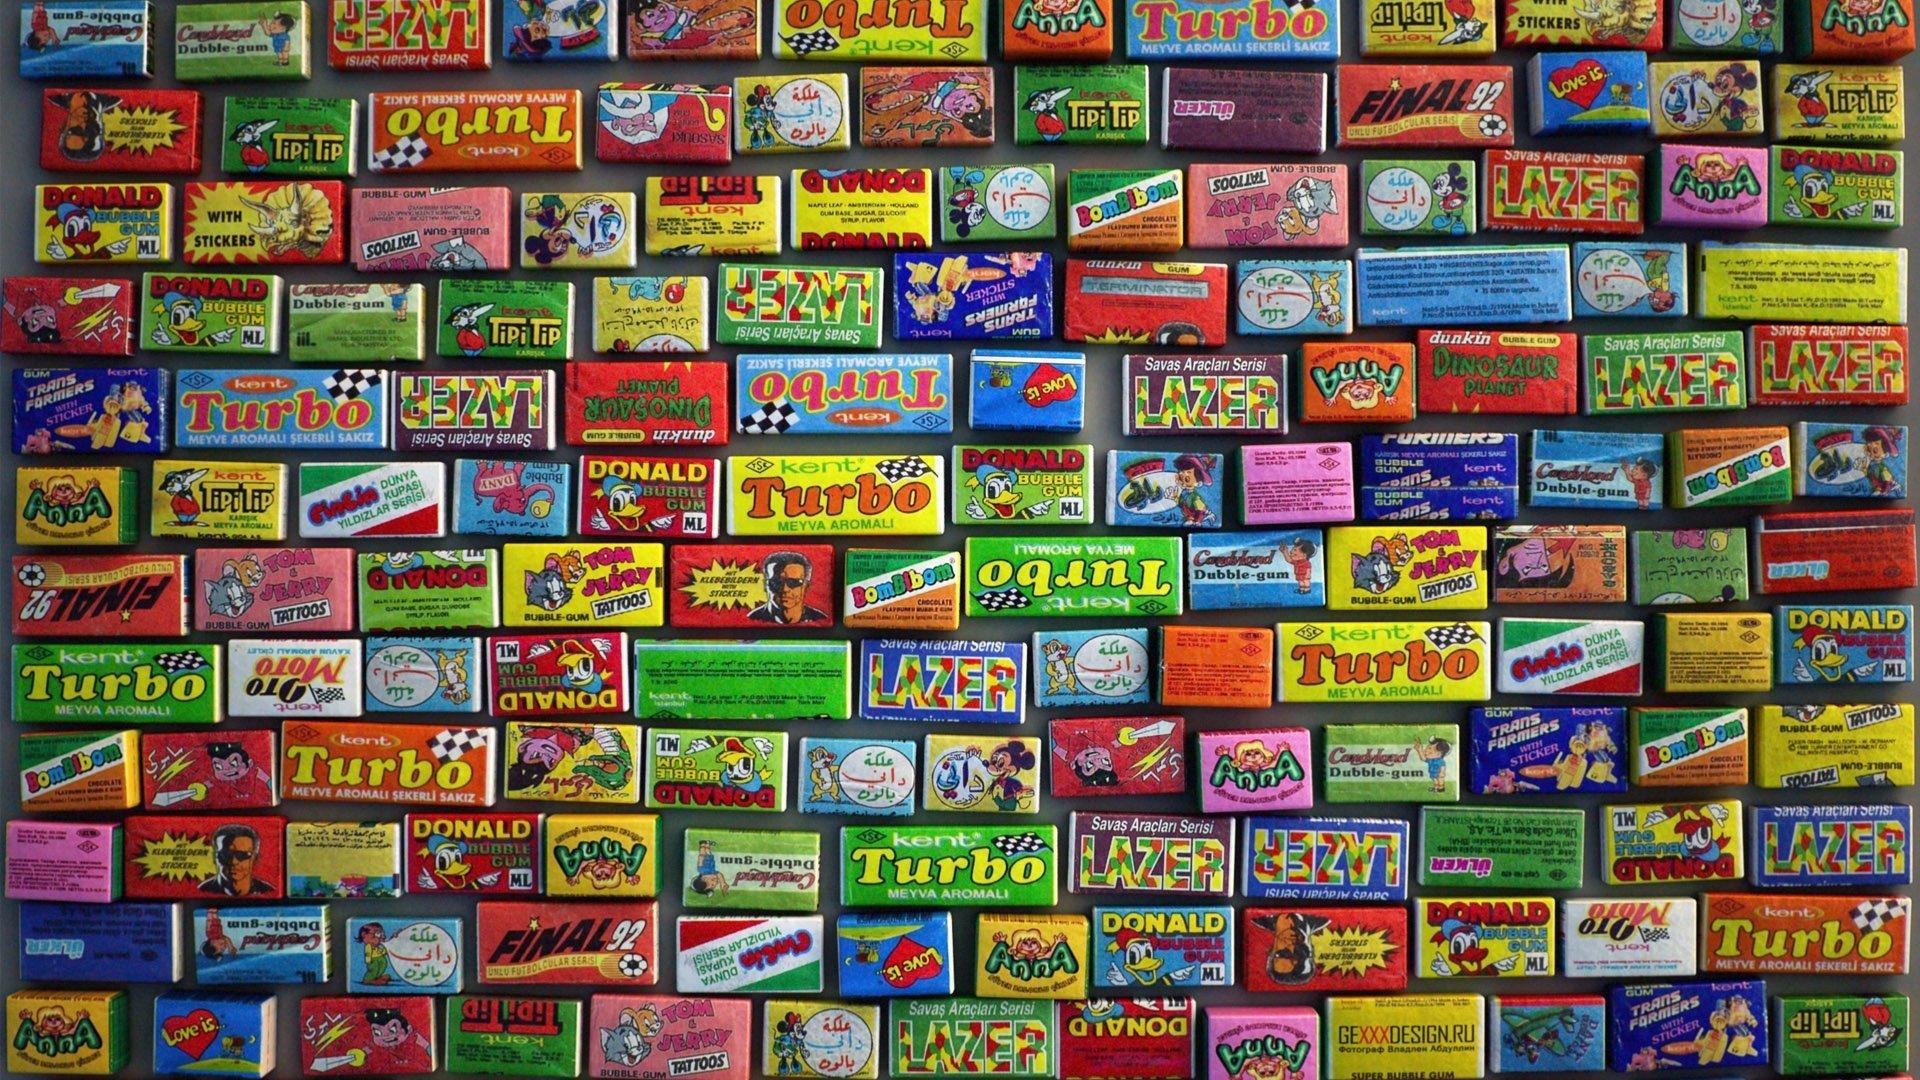 gum 80s Gummy wallpaper background 1920x1080